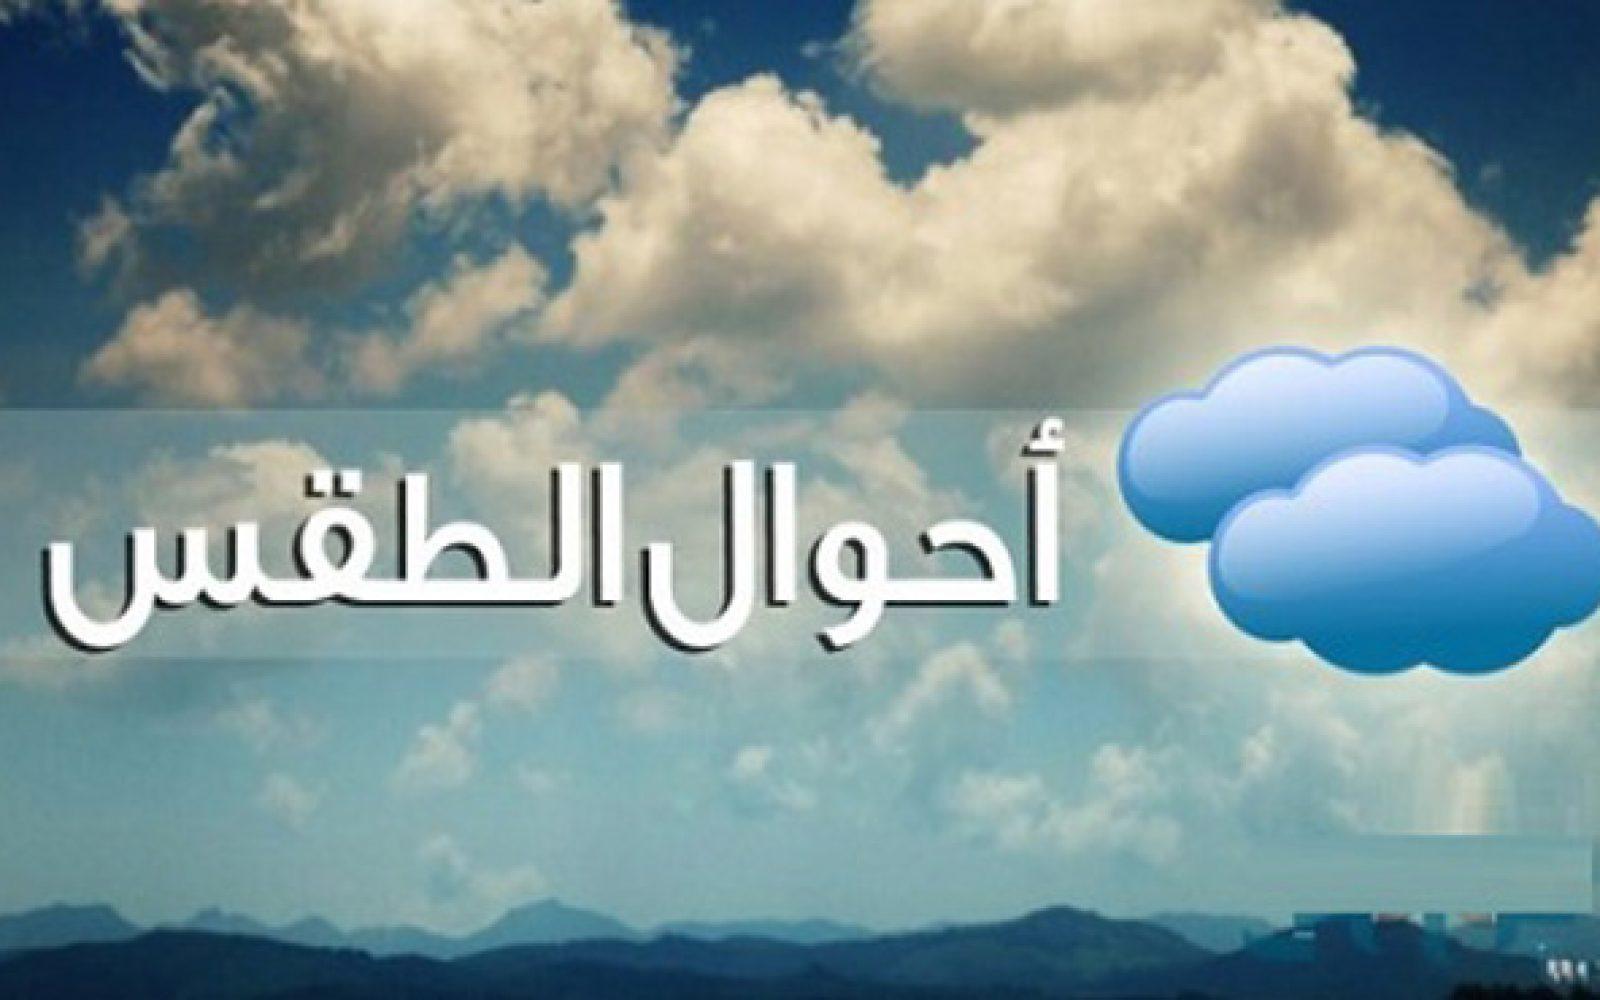 أمطار خفيفة ومتوسطة بالقاهرة والوجه البحري.. حالة الطقس اليوم الأربعاء 24 فبراير 2021 وأماكن تساقط الأمطار